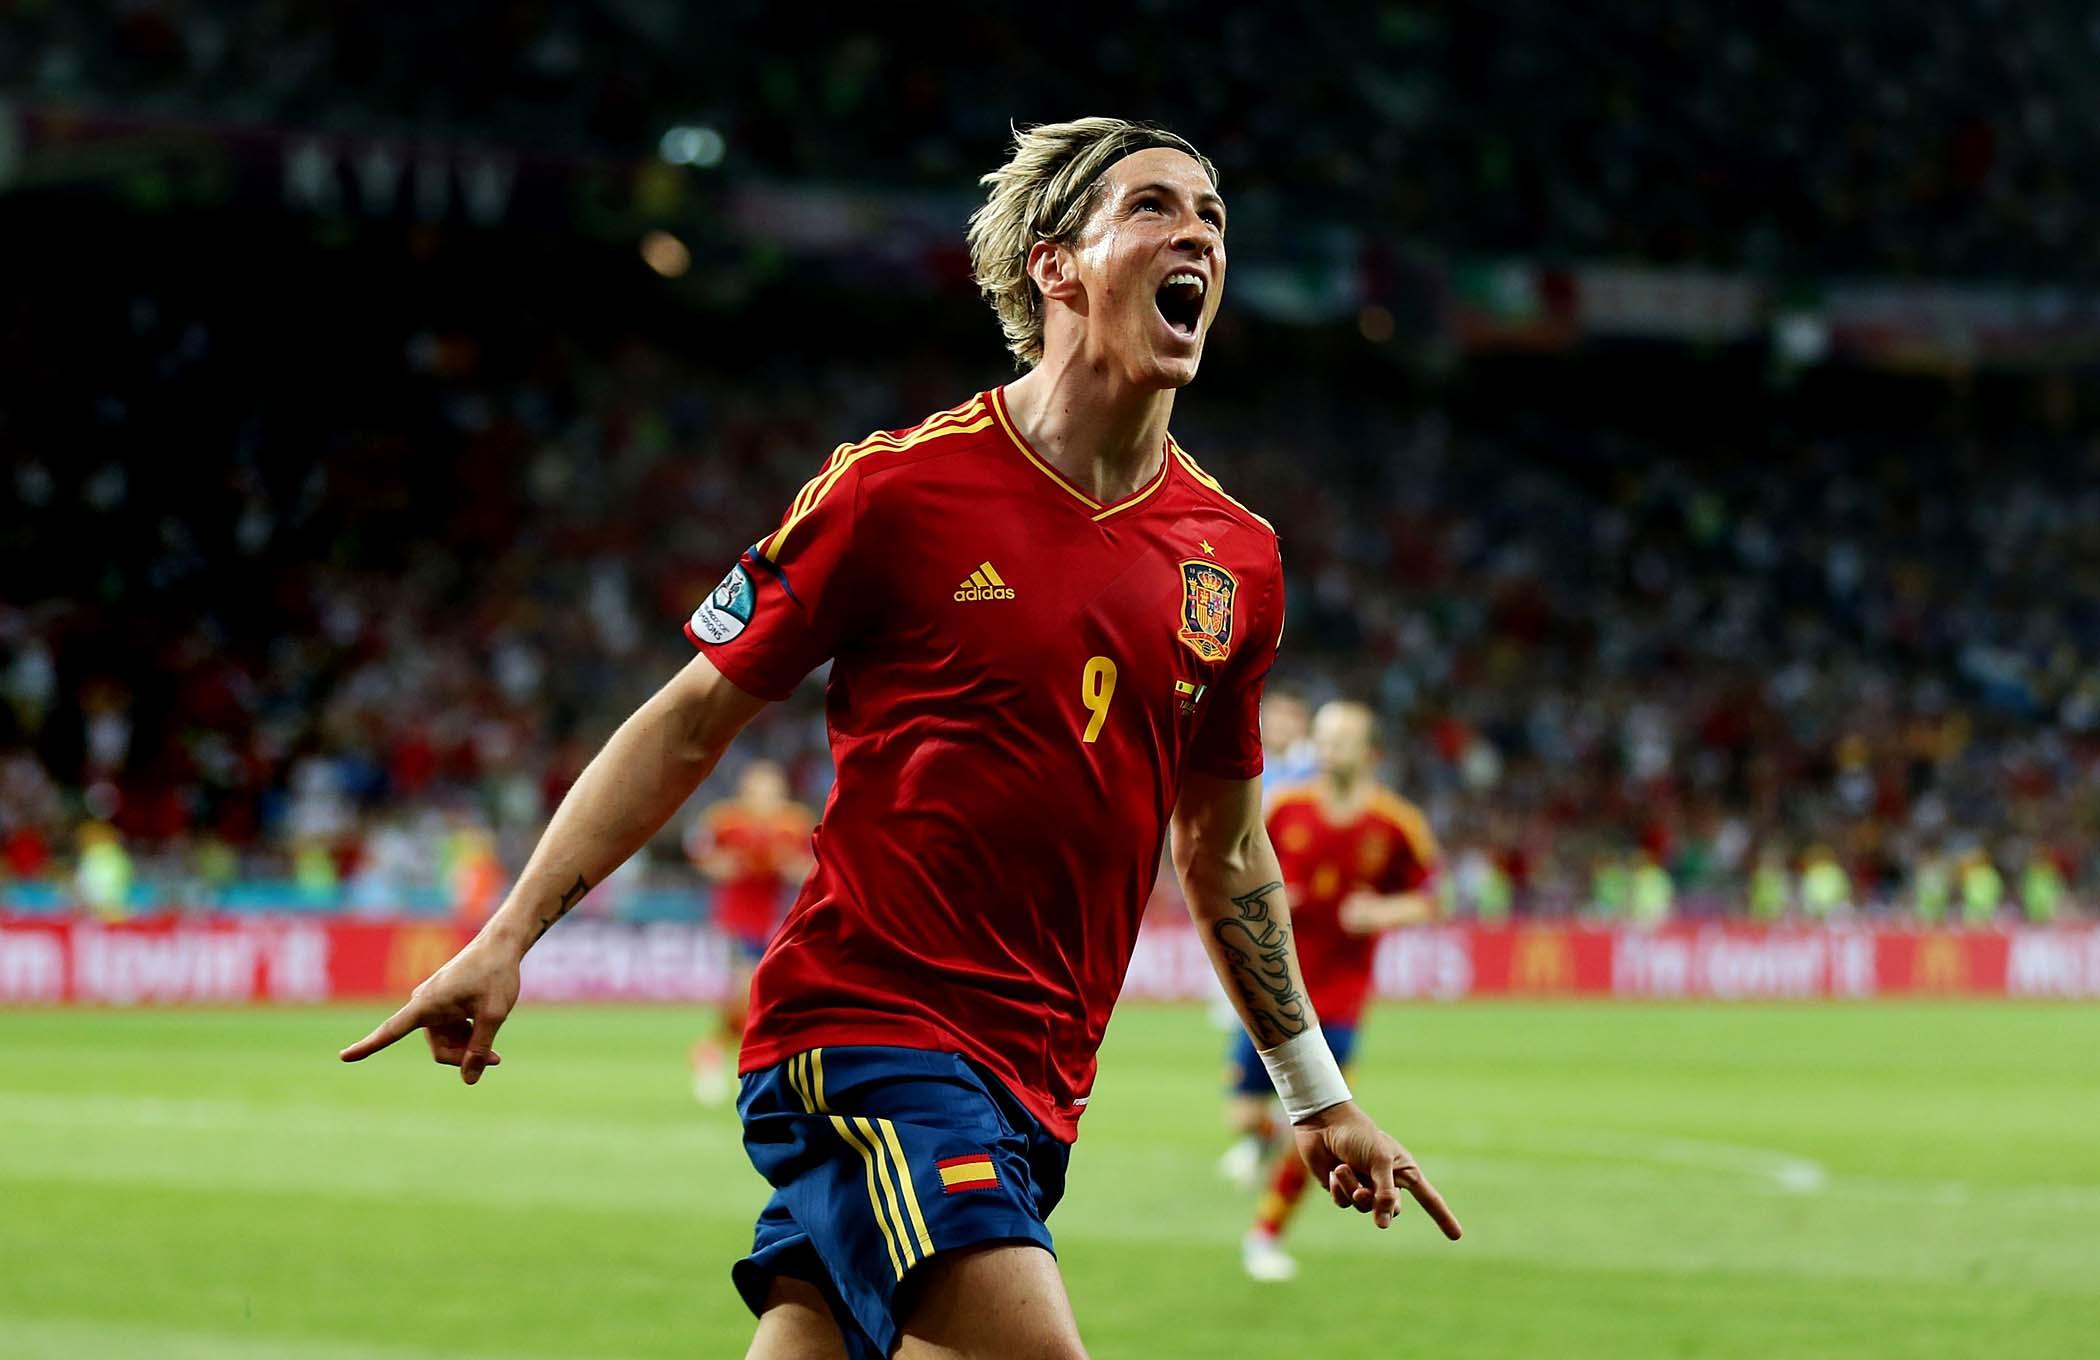 Fernando Torres photo gallery high quality pics of Fernando